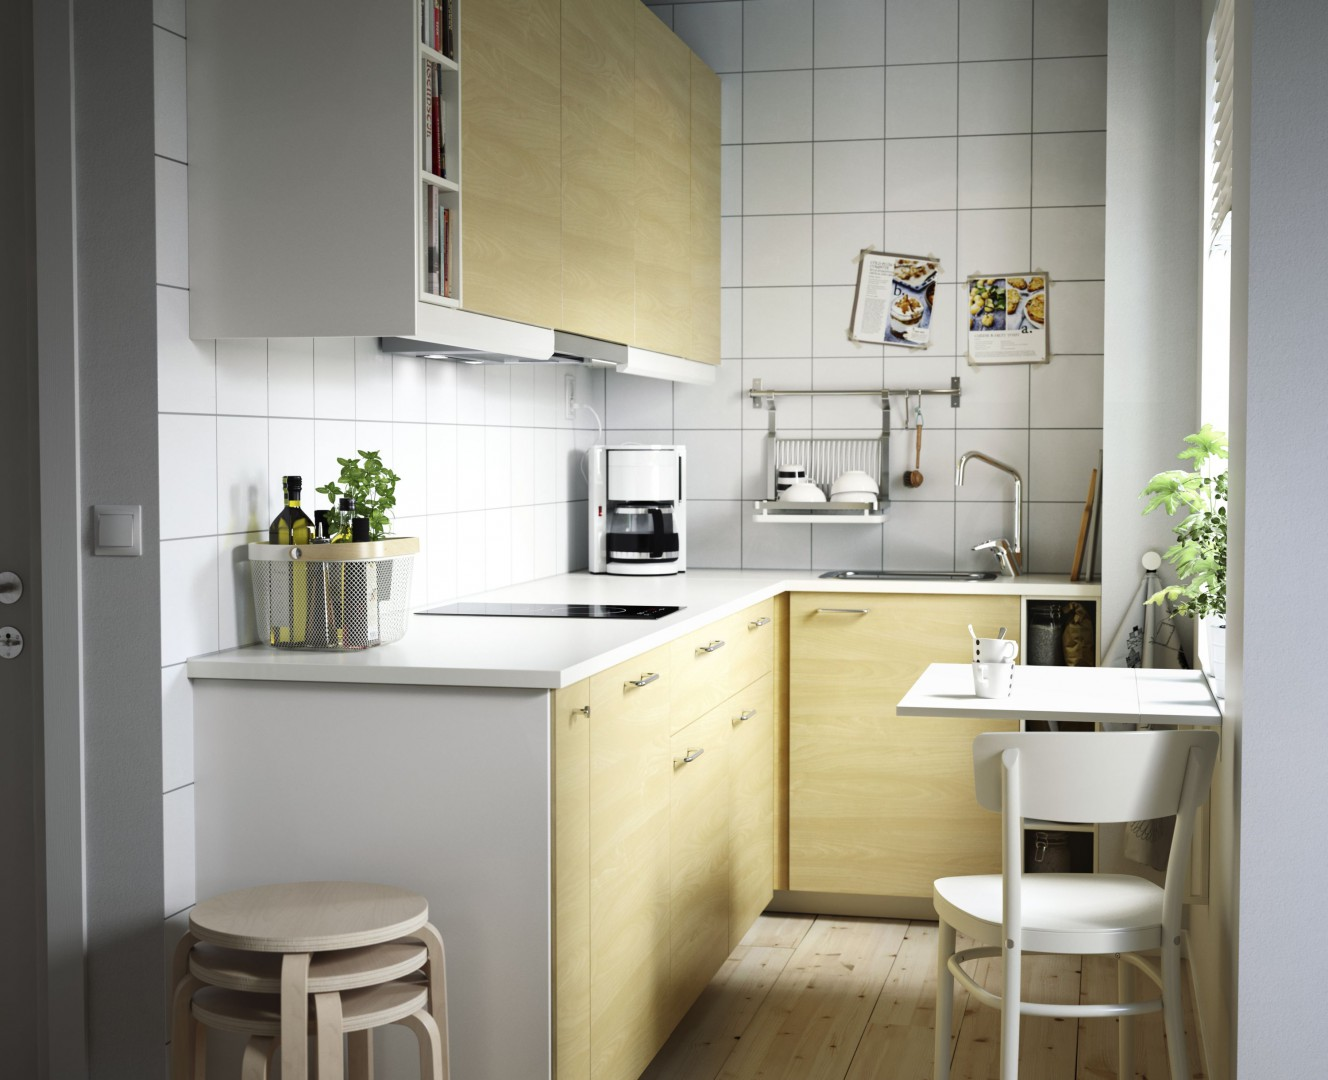 Rynek Mebli Kuchnia W Małym Mieszkaniu Producenci